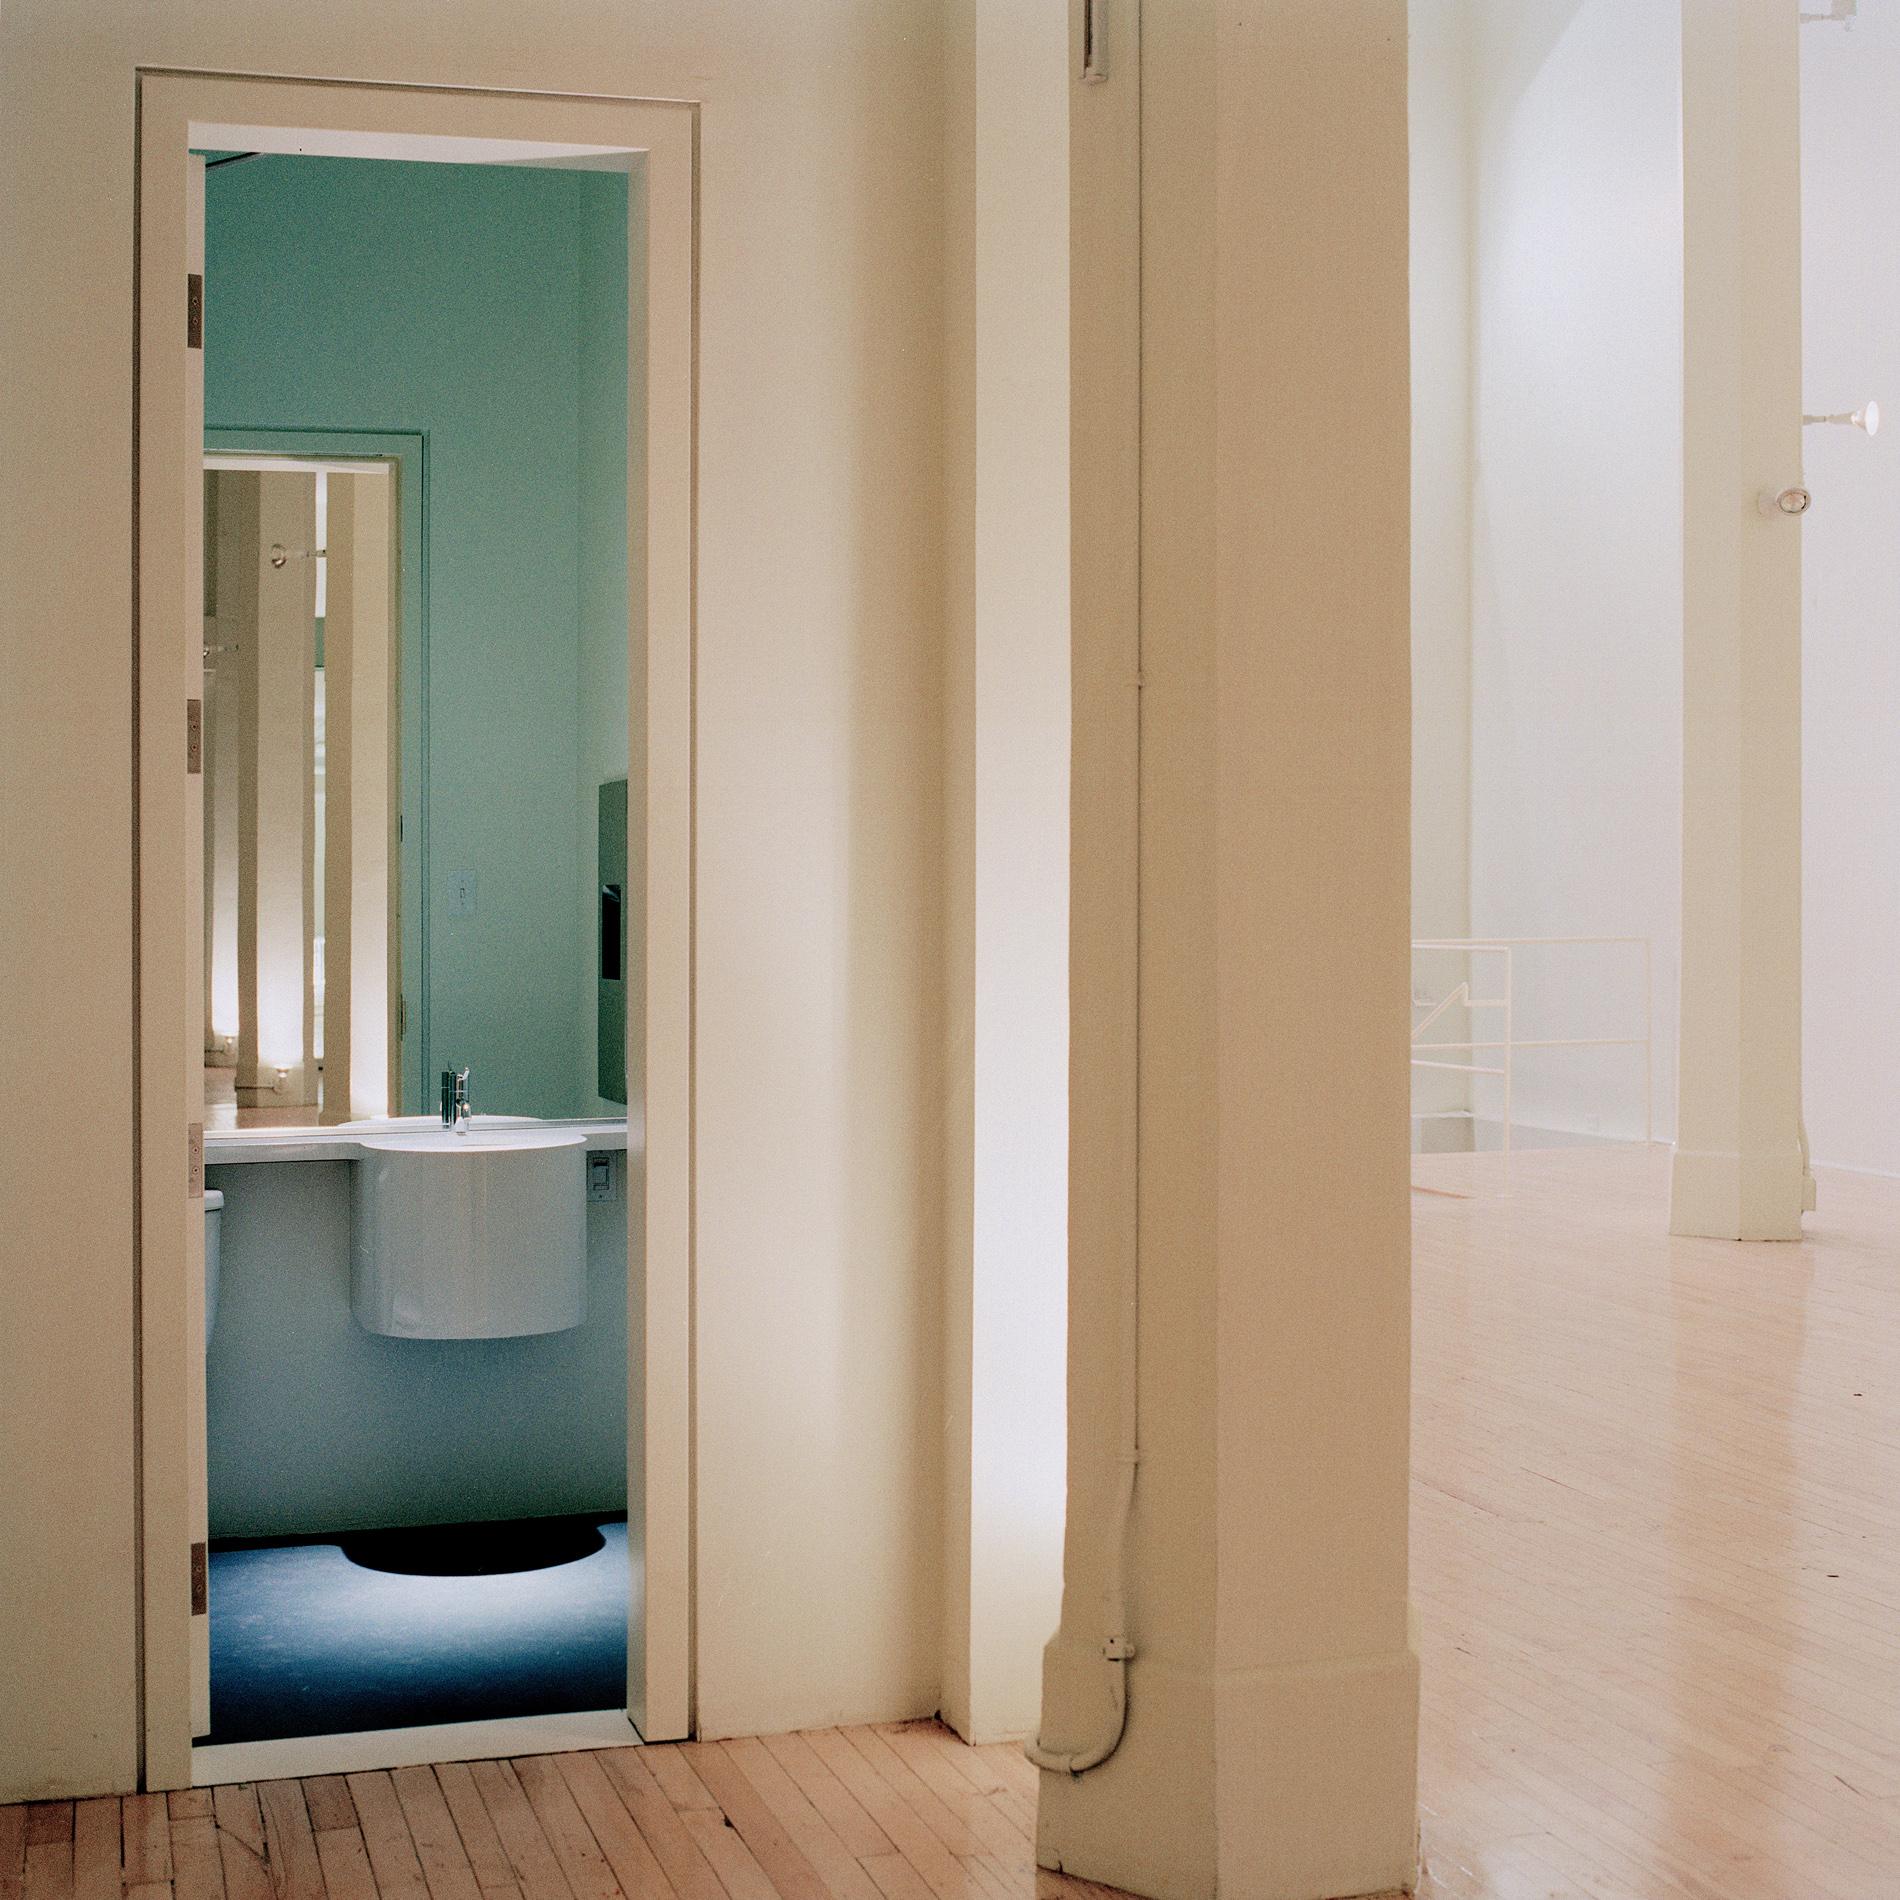 Porte d'accès à une toilette. L'étroitesse et la hauteur de la nouvelle porte renforcent le volume de l'espace central avec ses colonnes hexagonales de béton. Crédit photo © Marc Cramer.